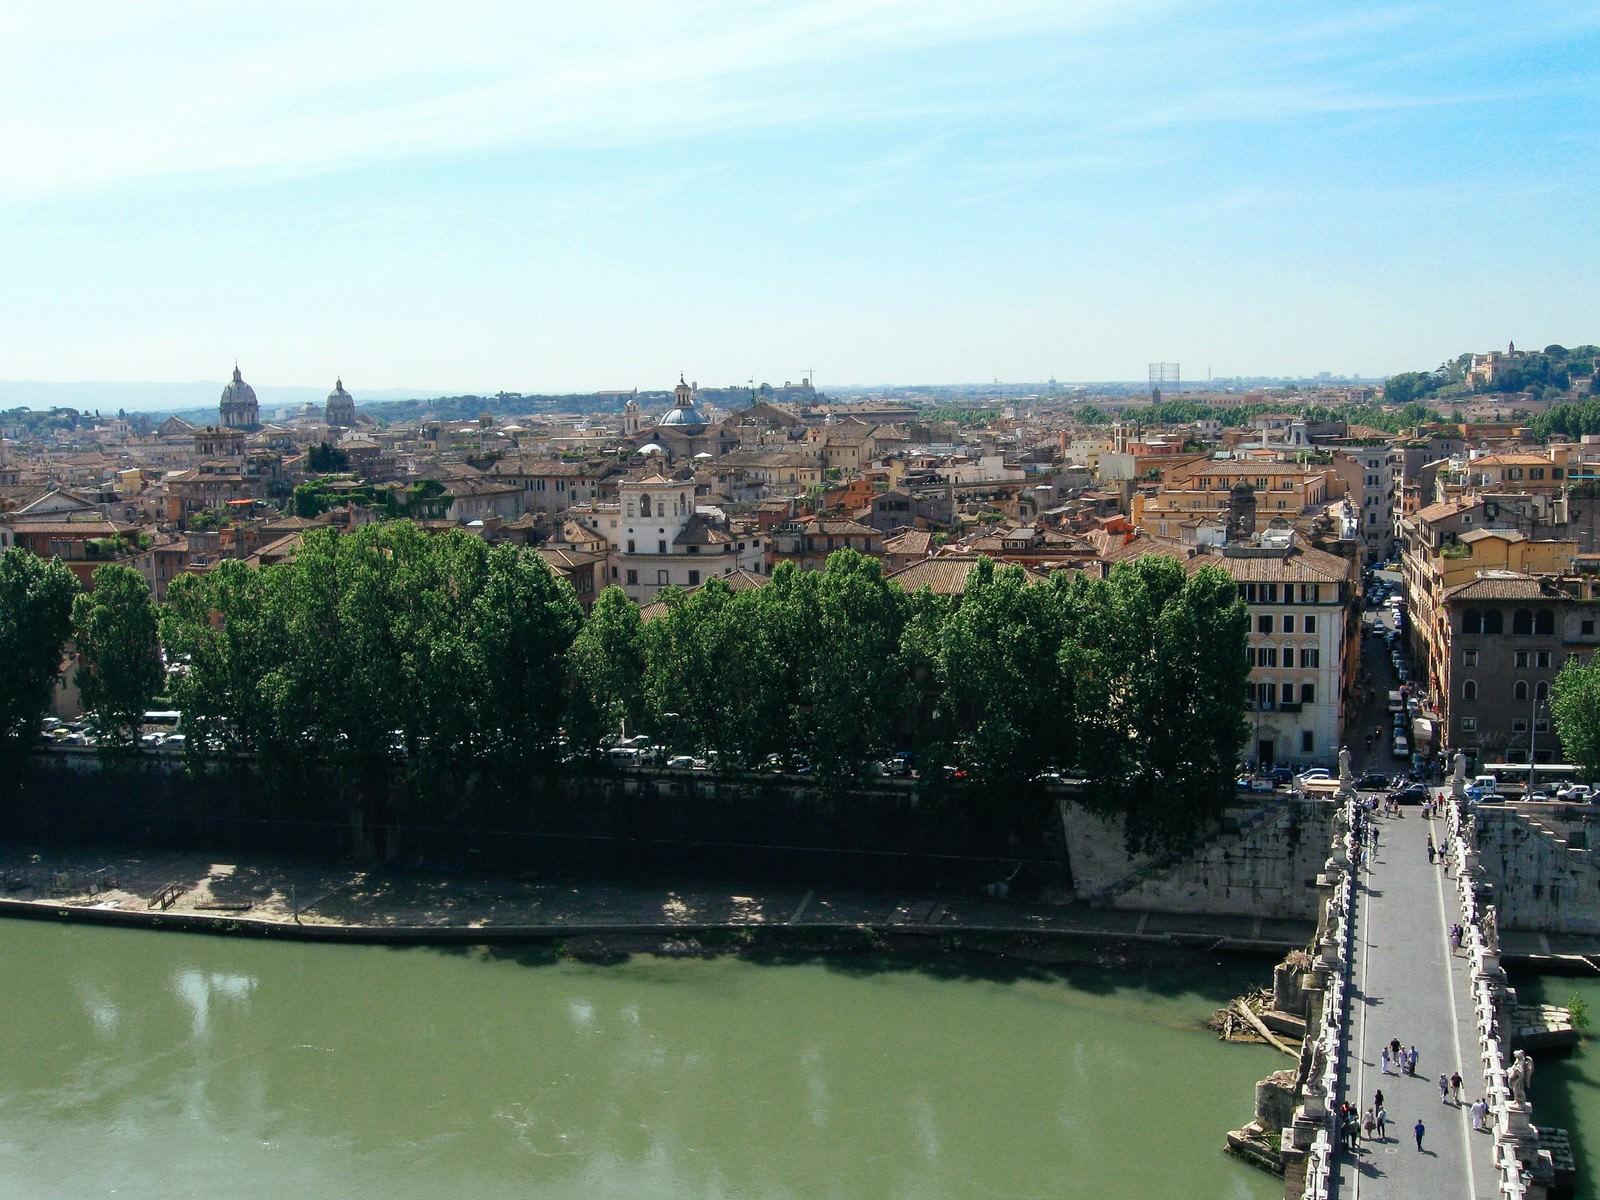 「ローマの川から俯瞰する街の眺め(イタリア)」の写真